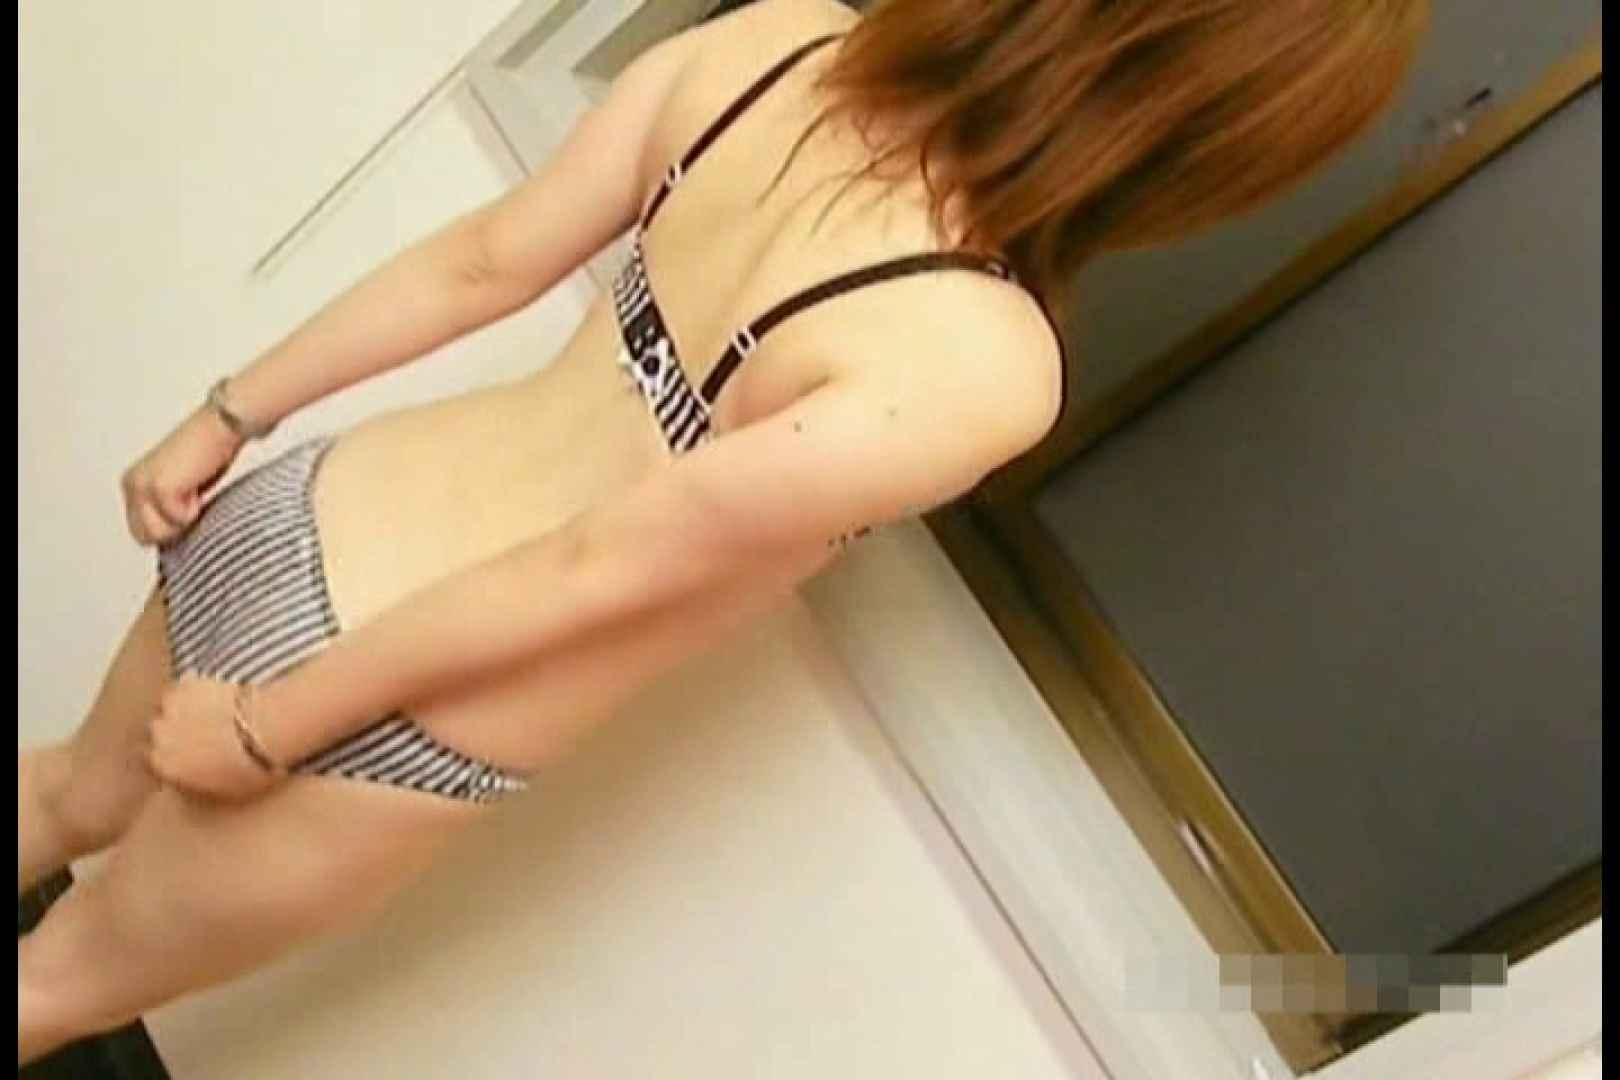 素人撮影 下着だけの撮影のはずが・・・愛22歳 ギャル達のおっぱい | 隠撮  109画像 83